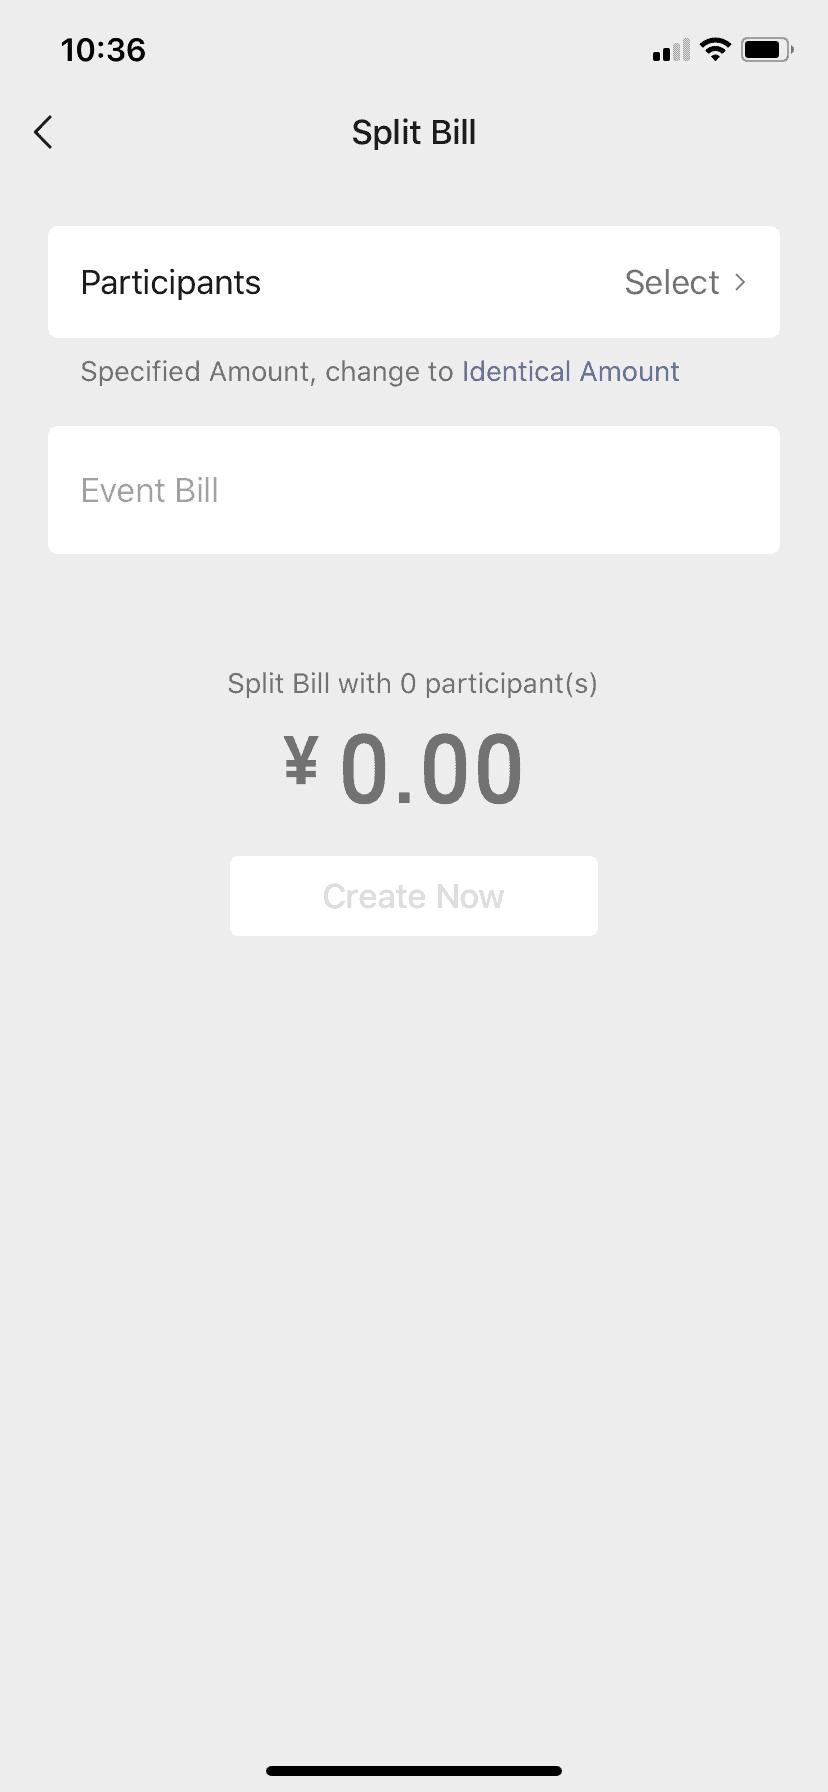 SplitBill1